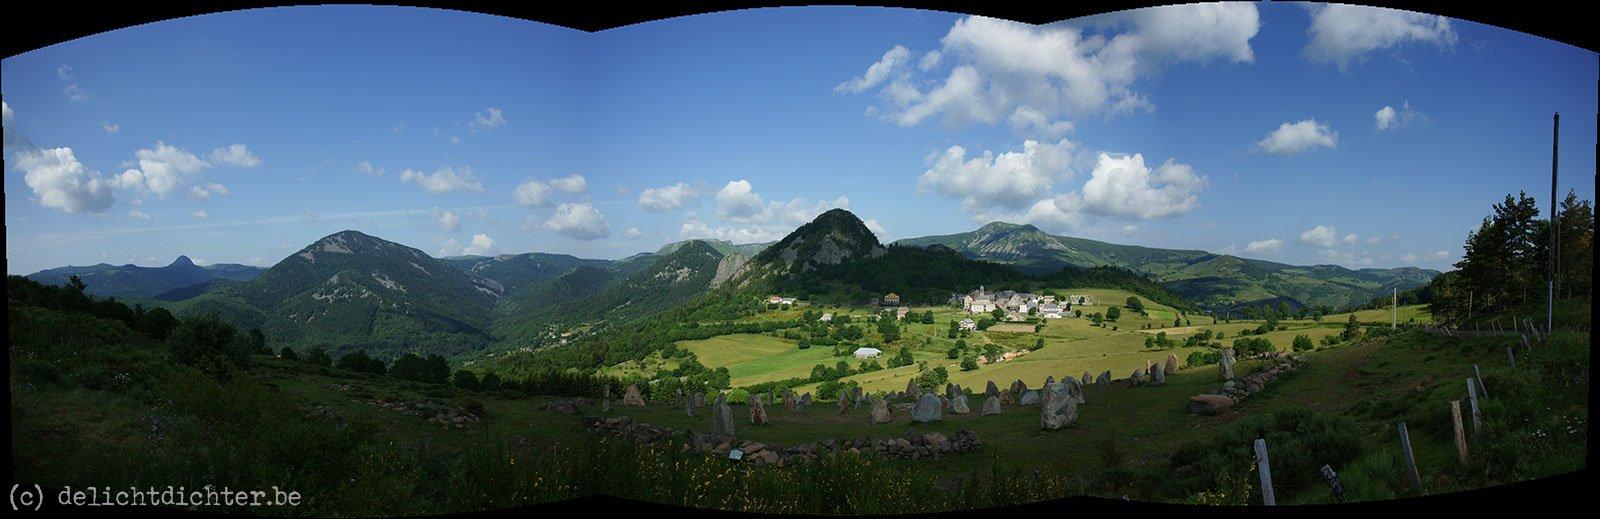 2009_06_ardeche_panorama